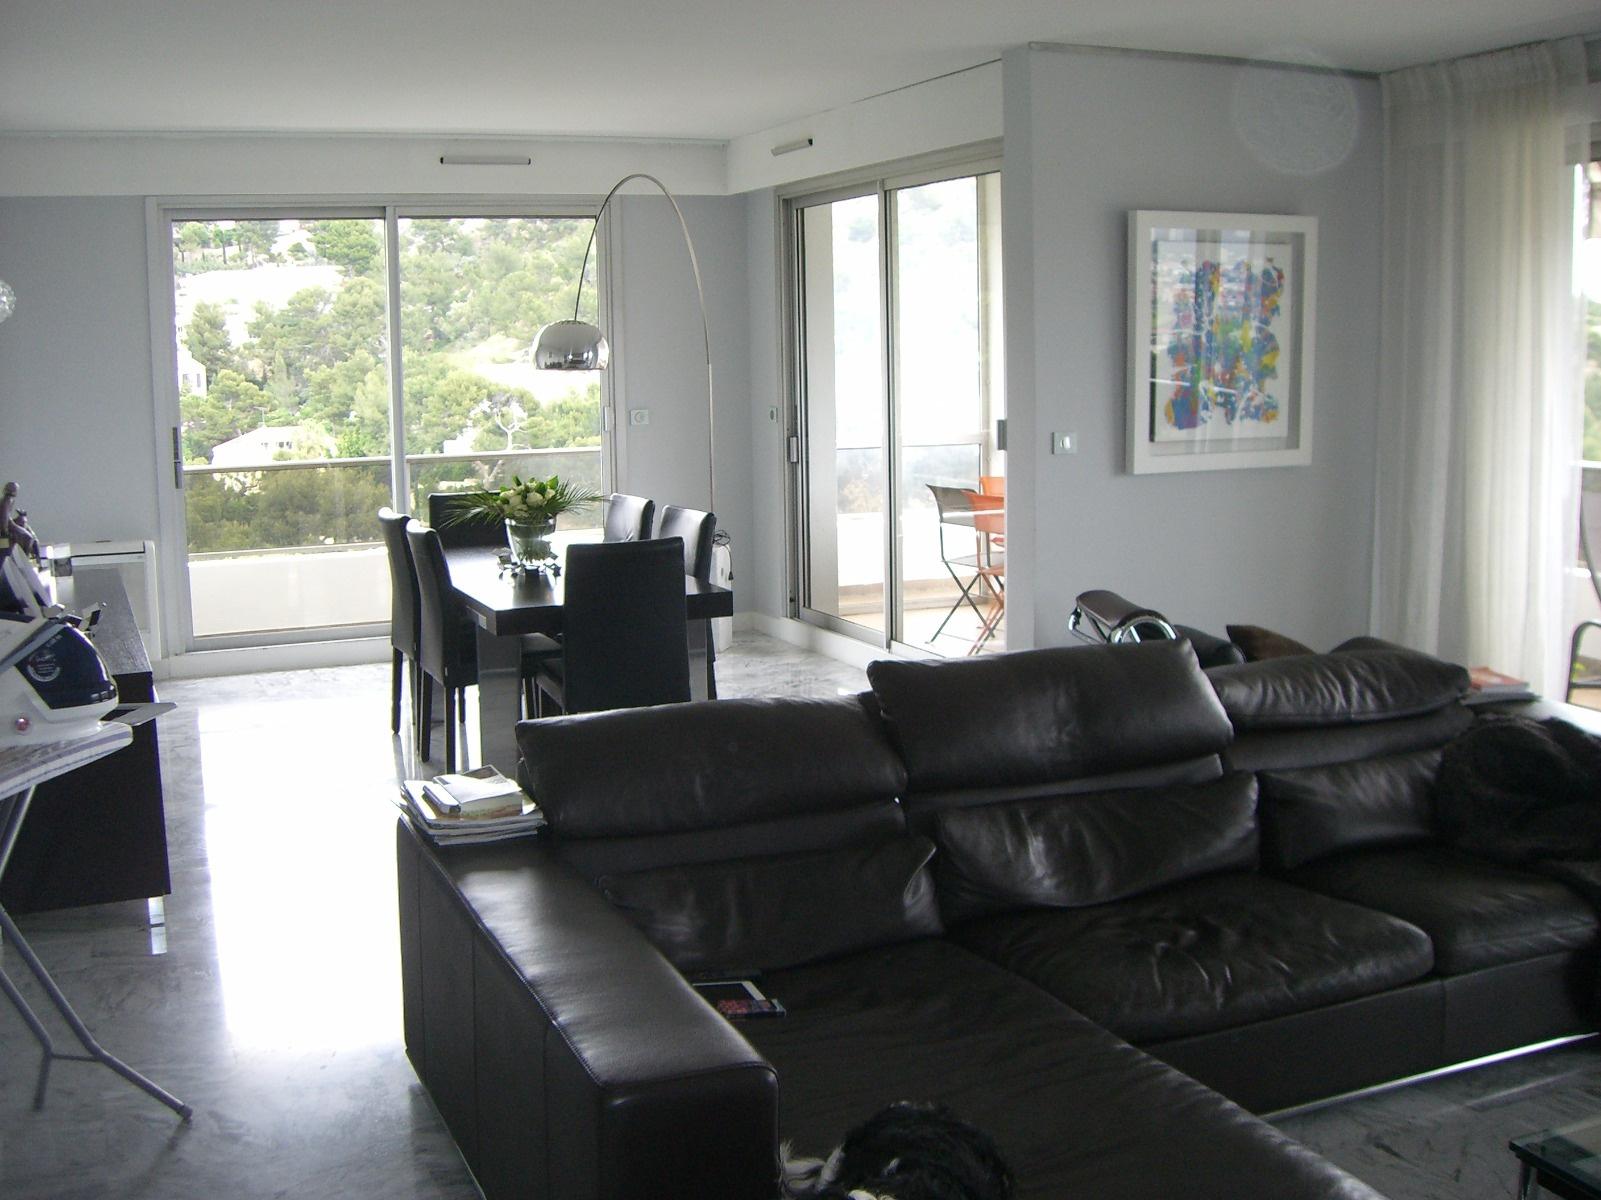 Immobilier la cadenelle marseille 13008 vente maison et appartement marseil - Loft a vendre marseille ...